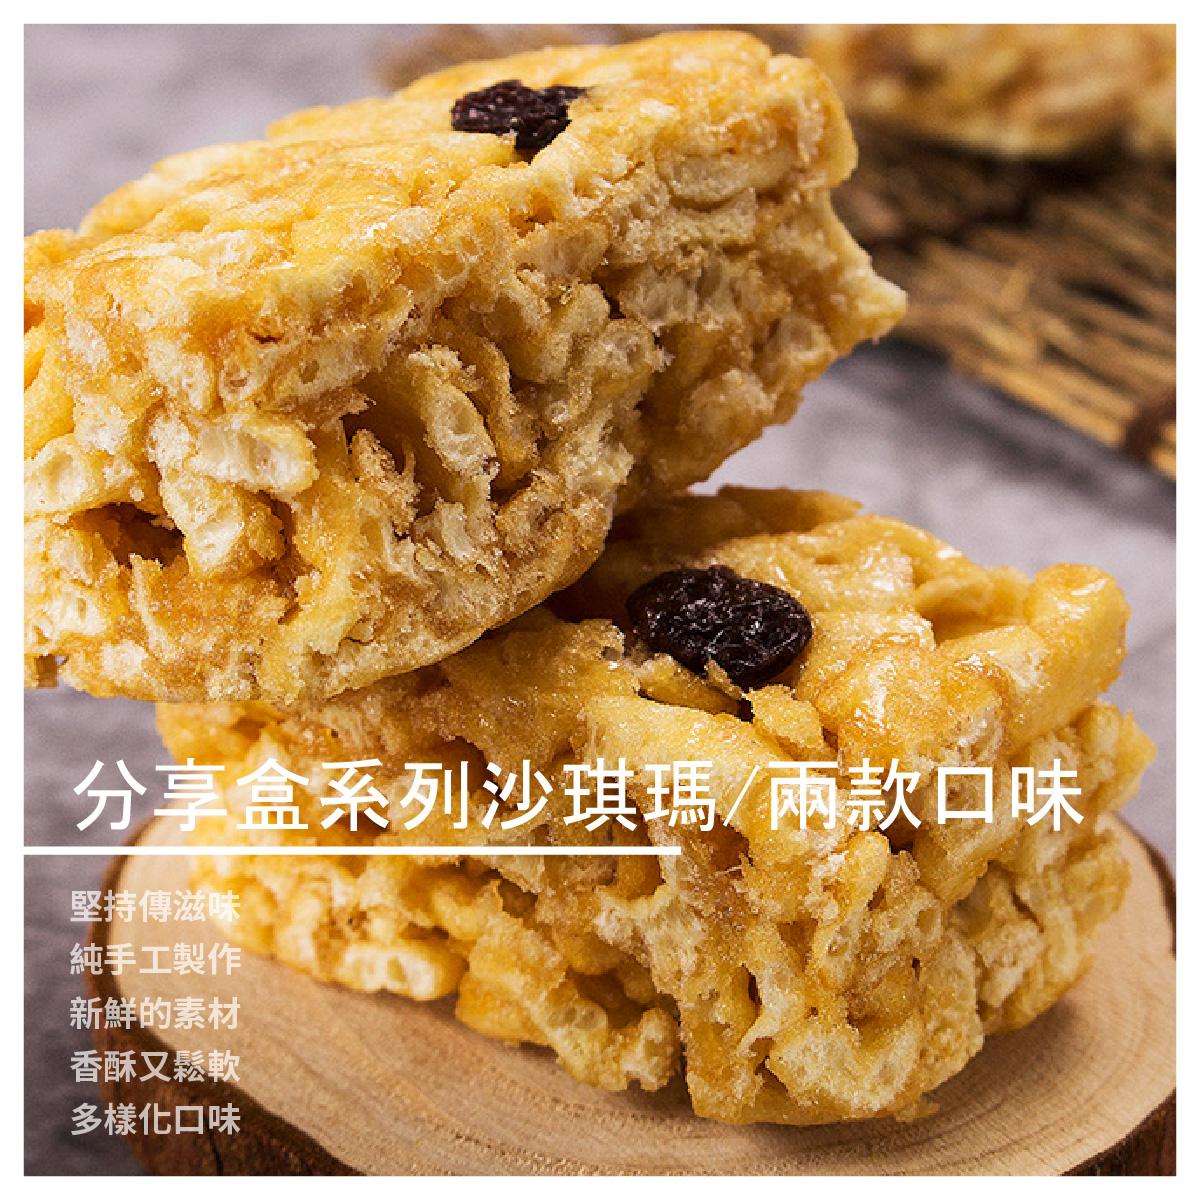 【口留香餅舖】分享盒系列沙琪瑪/850g/包/兩款口味